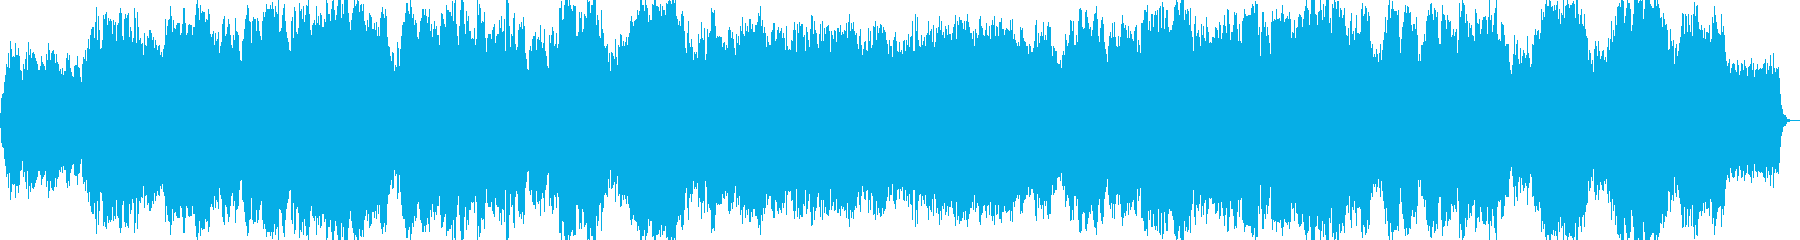 悲しげなイージーリスニング曲の再生済みの波形